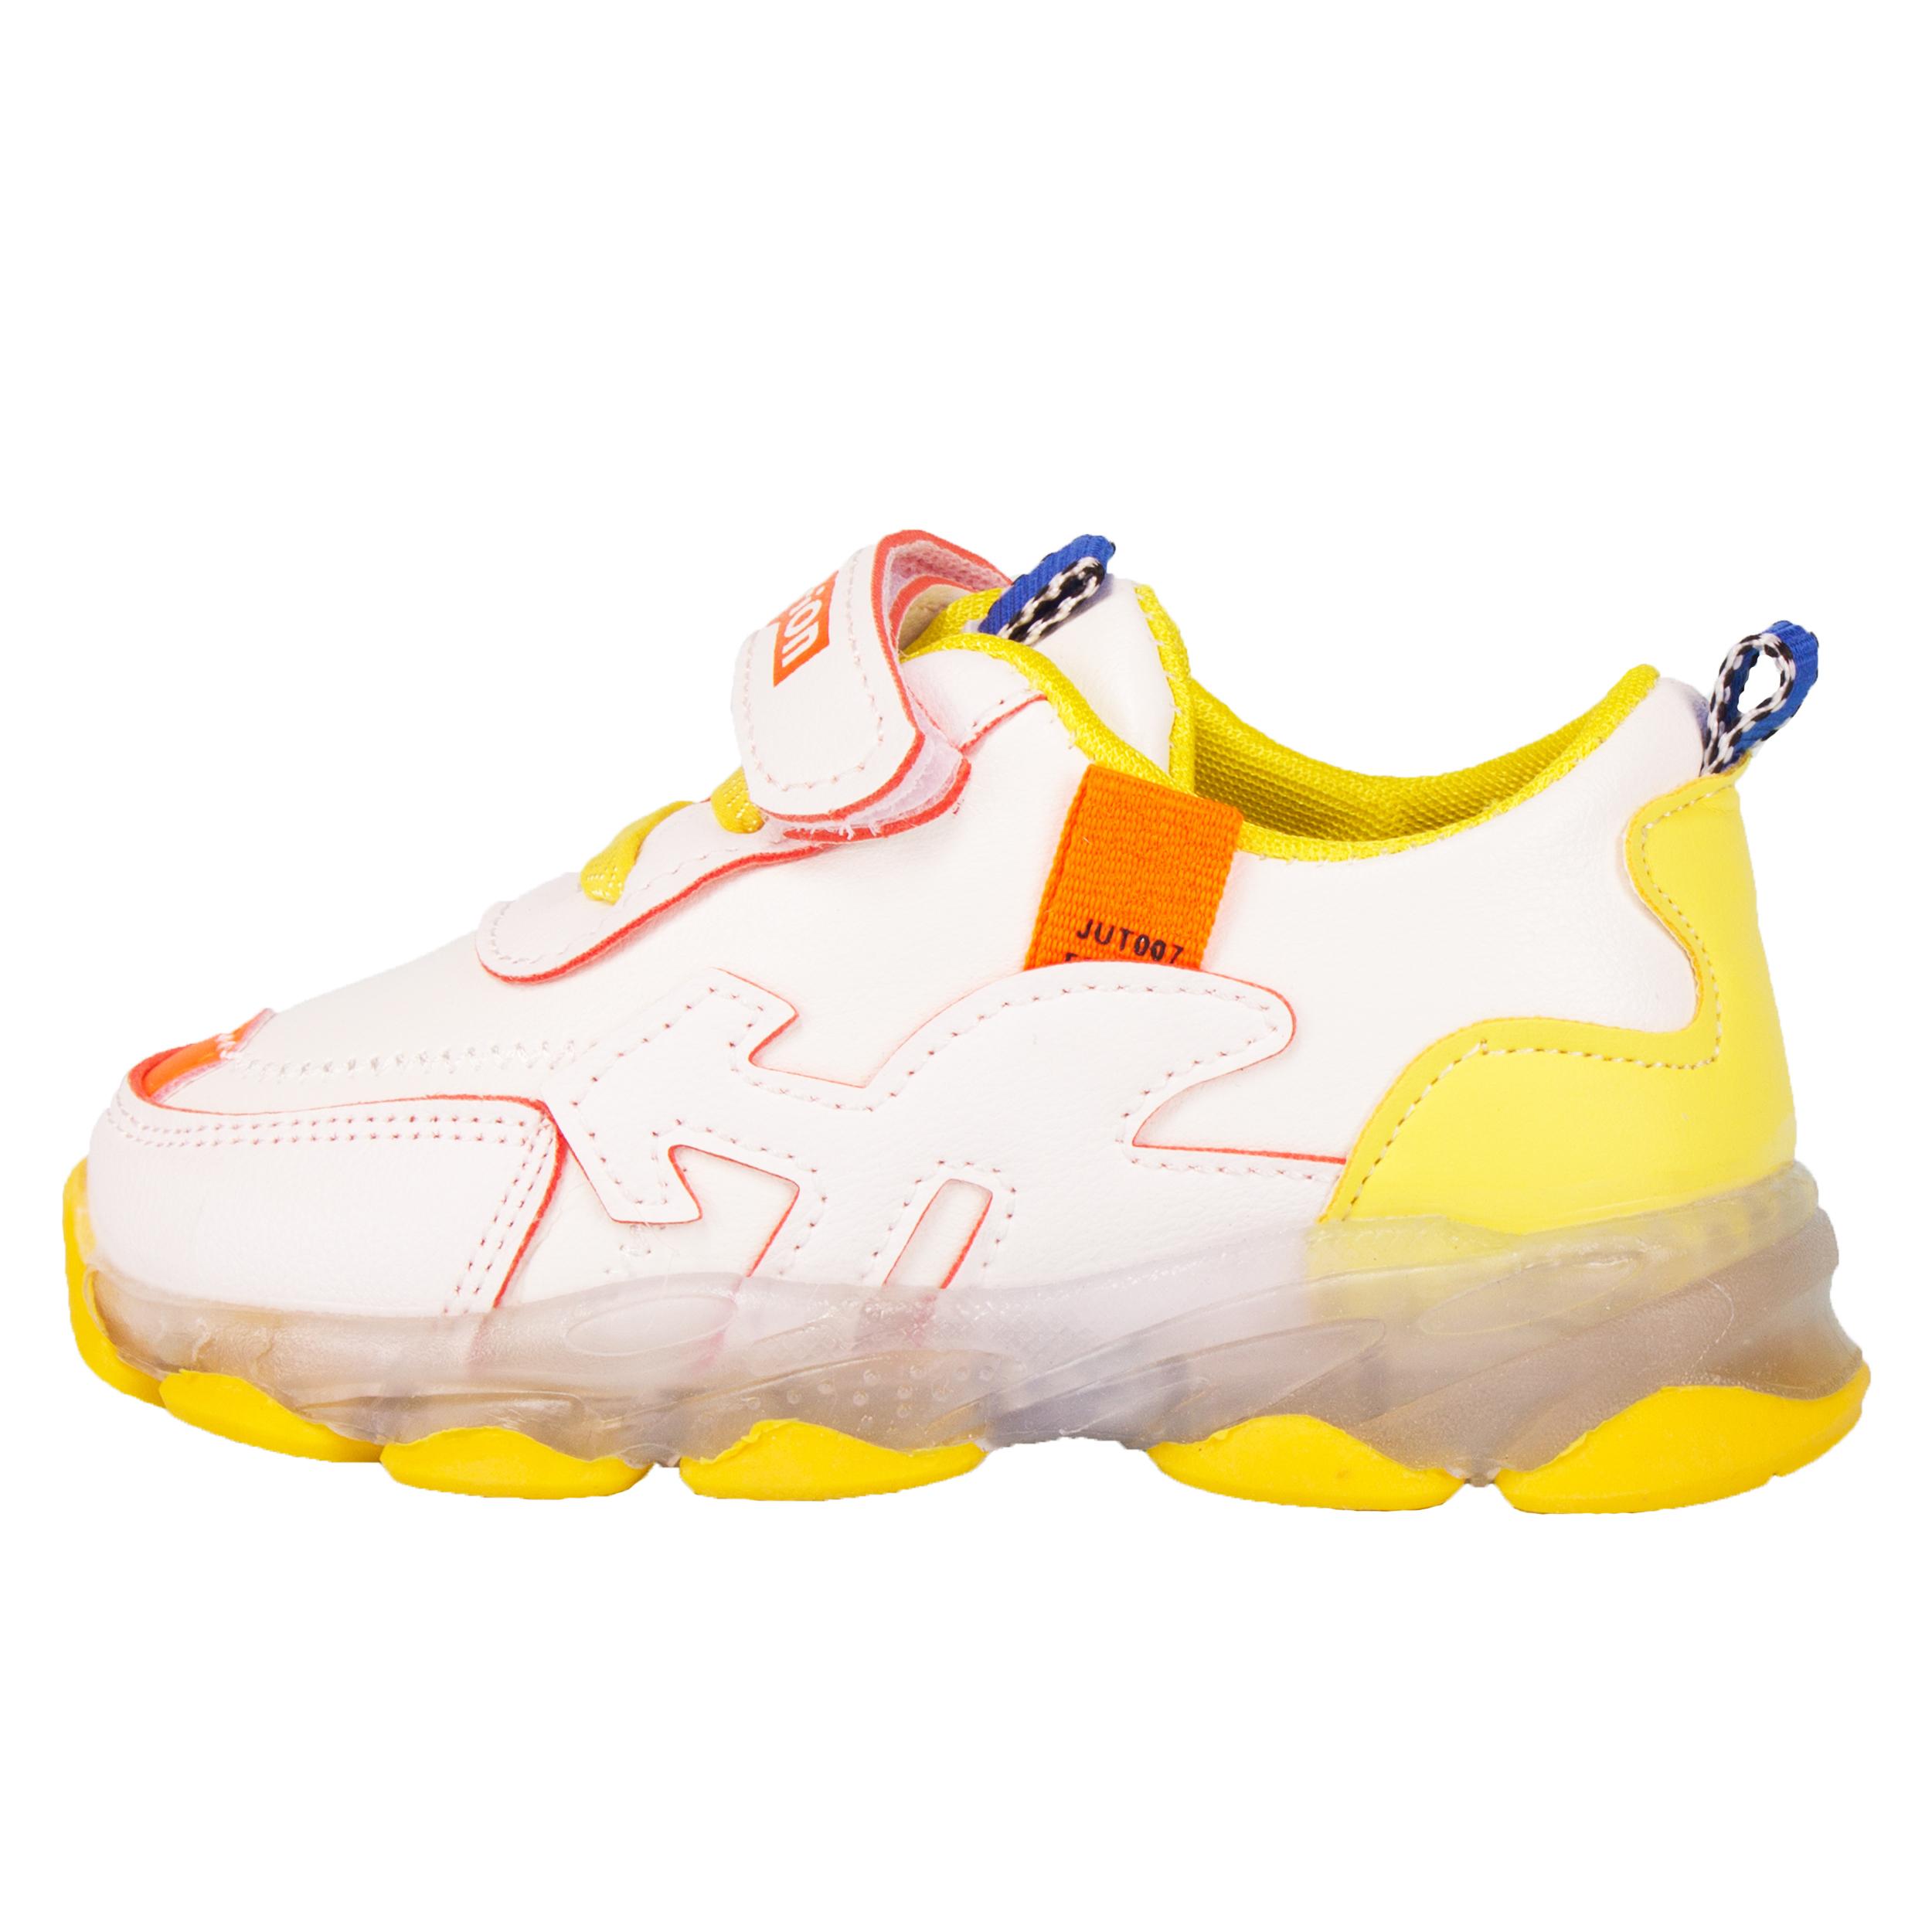 تصویر کفش راحتی چراغدار مدل s24